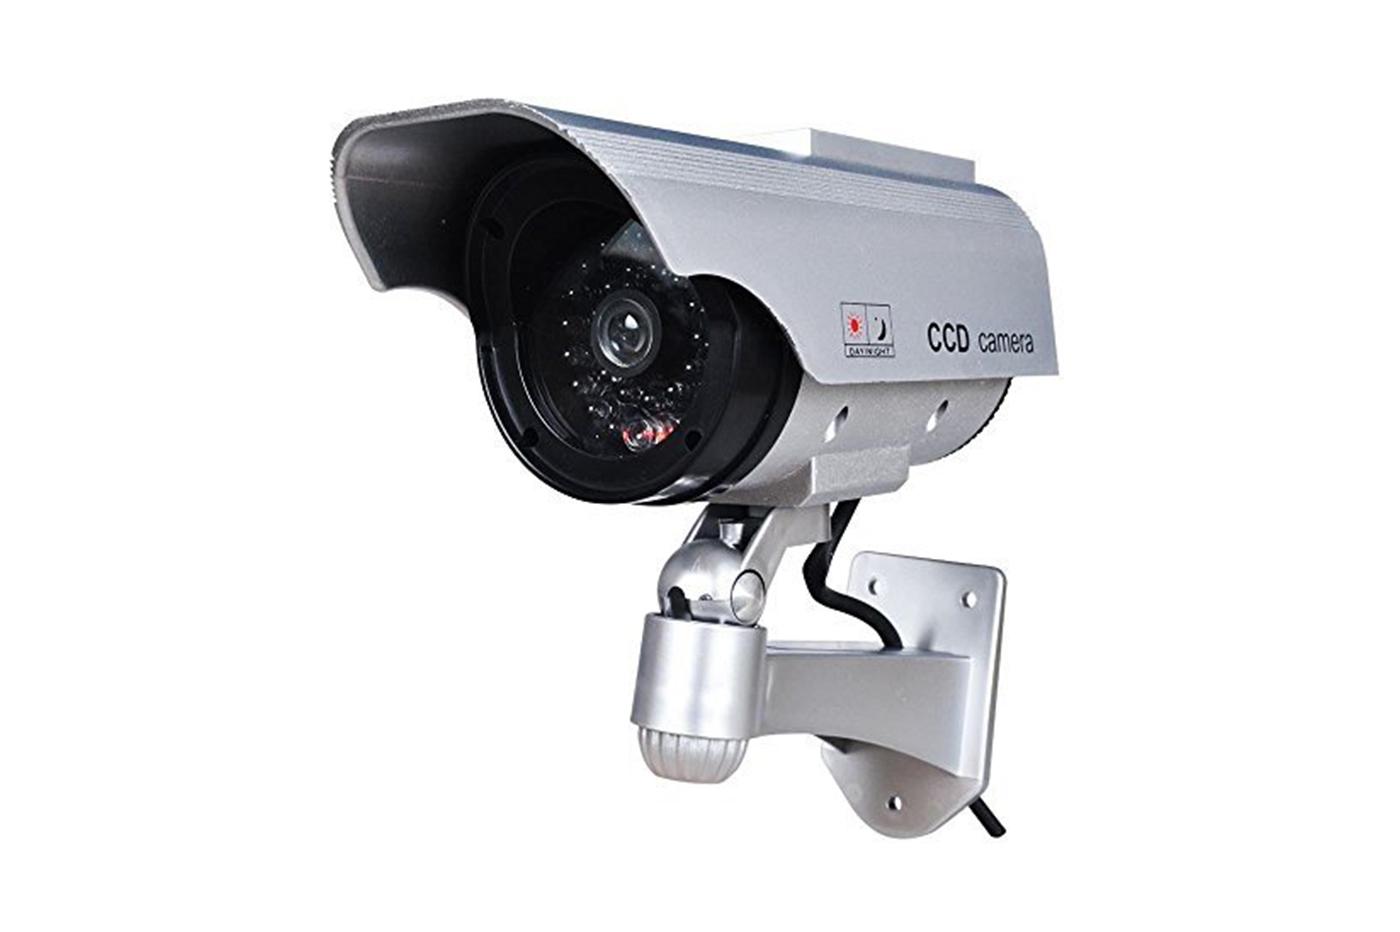 Plafoniera Da Esterno Con Telecamera : Bes finte beselettronica telecamera finta con pannello